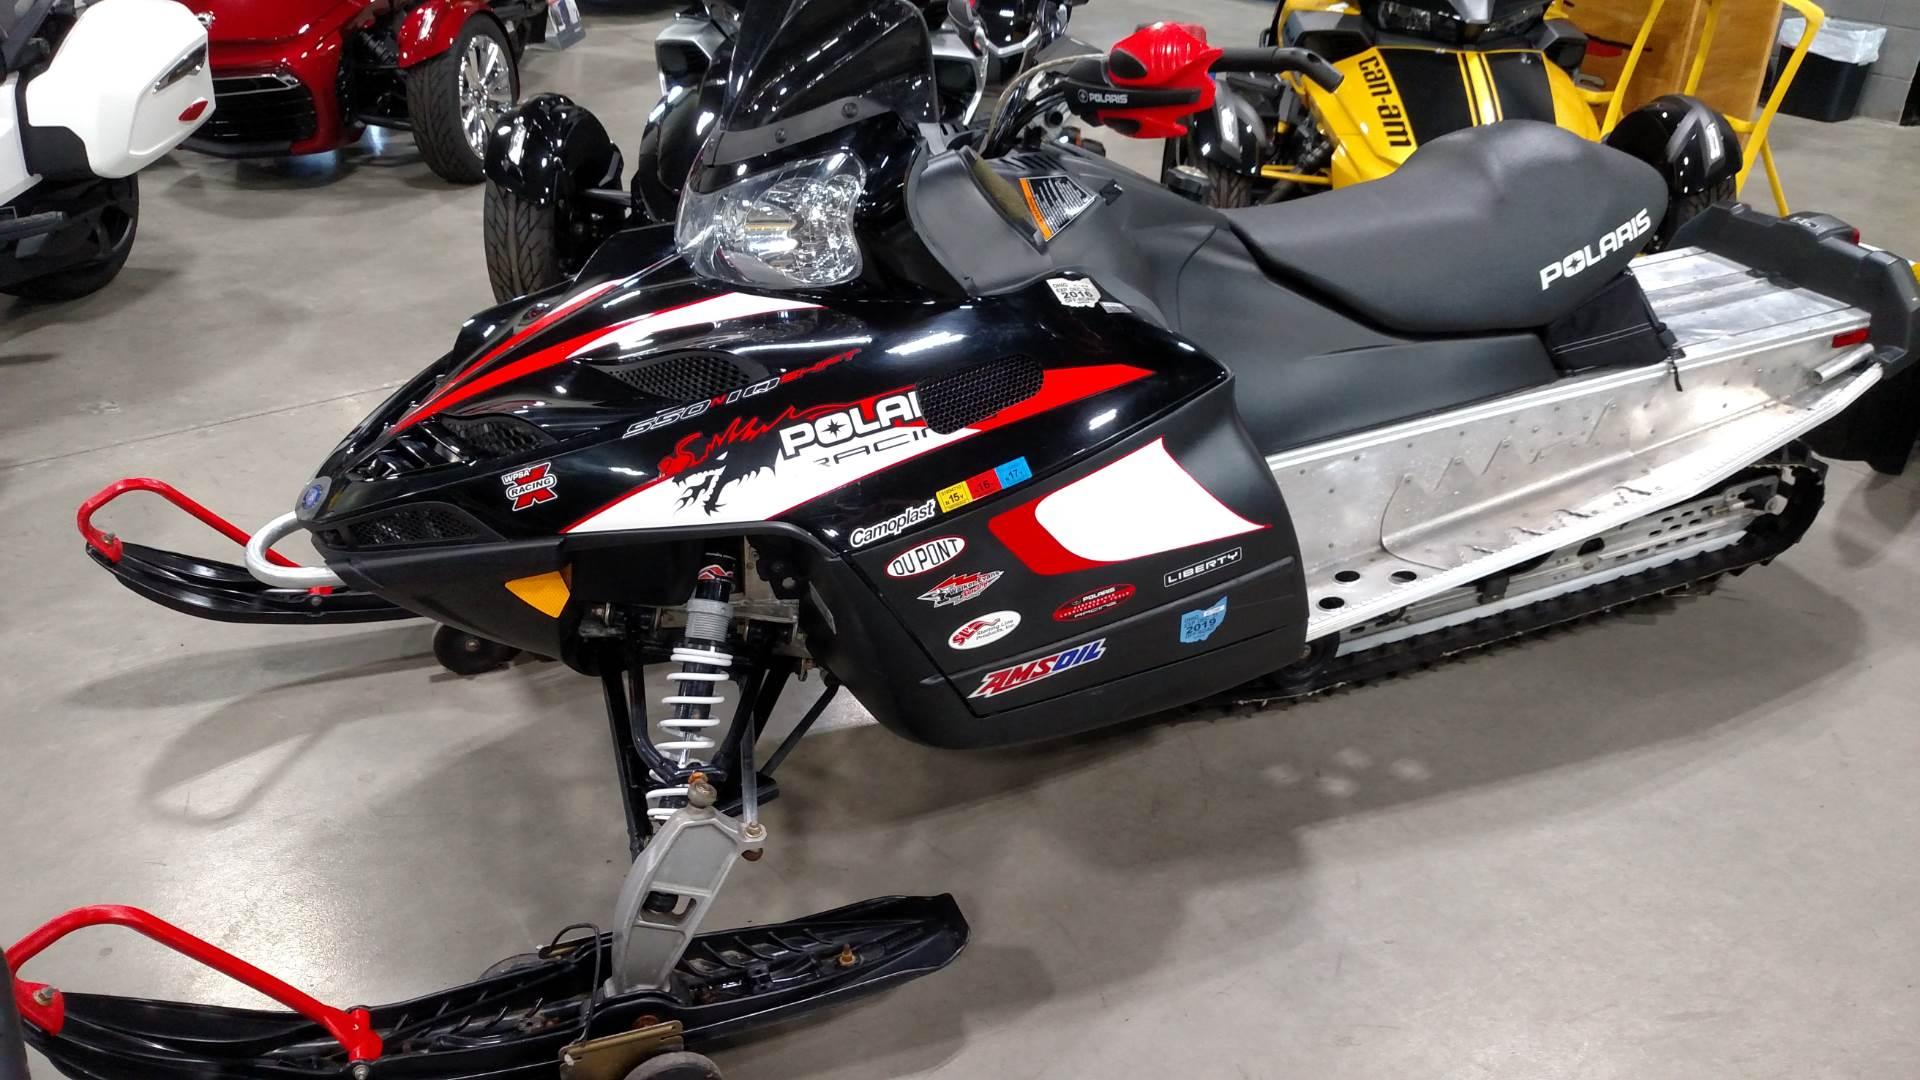 2011 550 Shift 136 ES